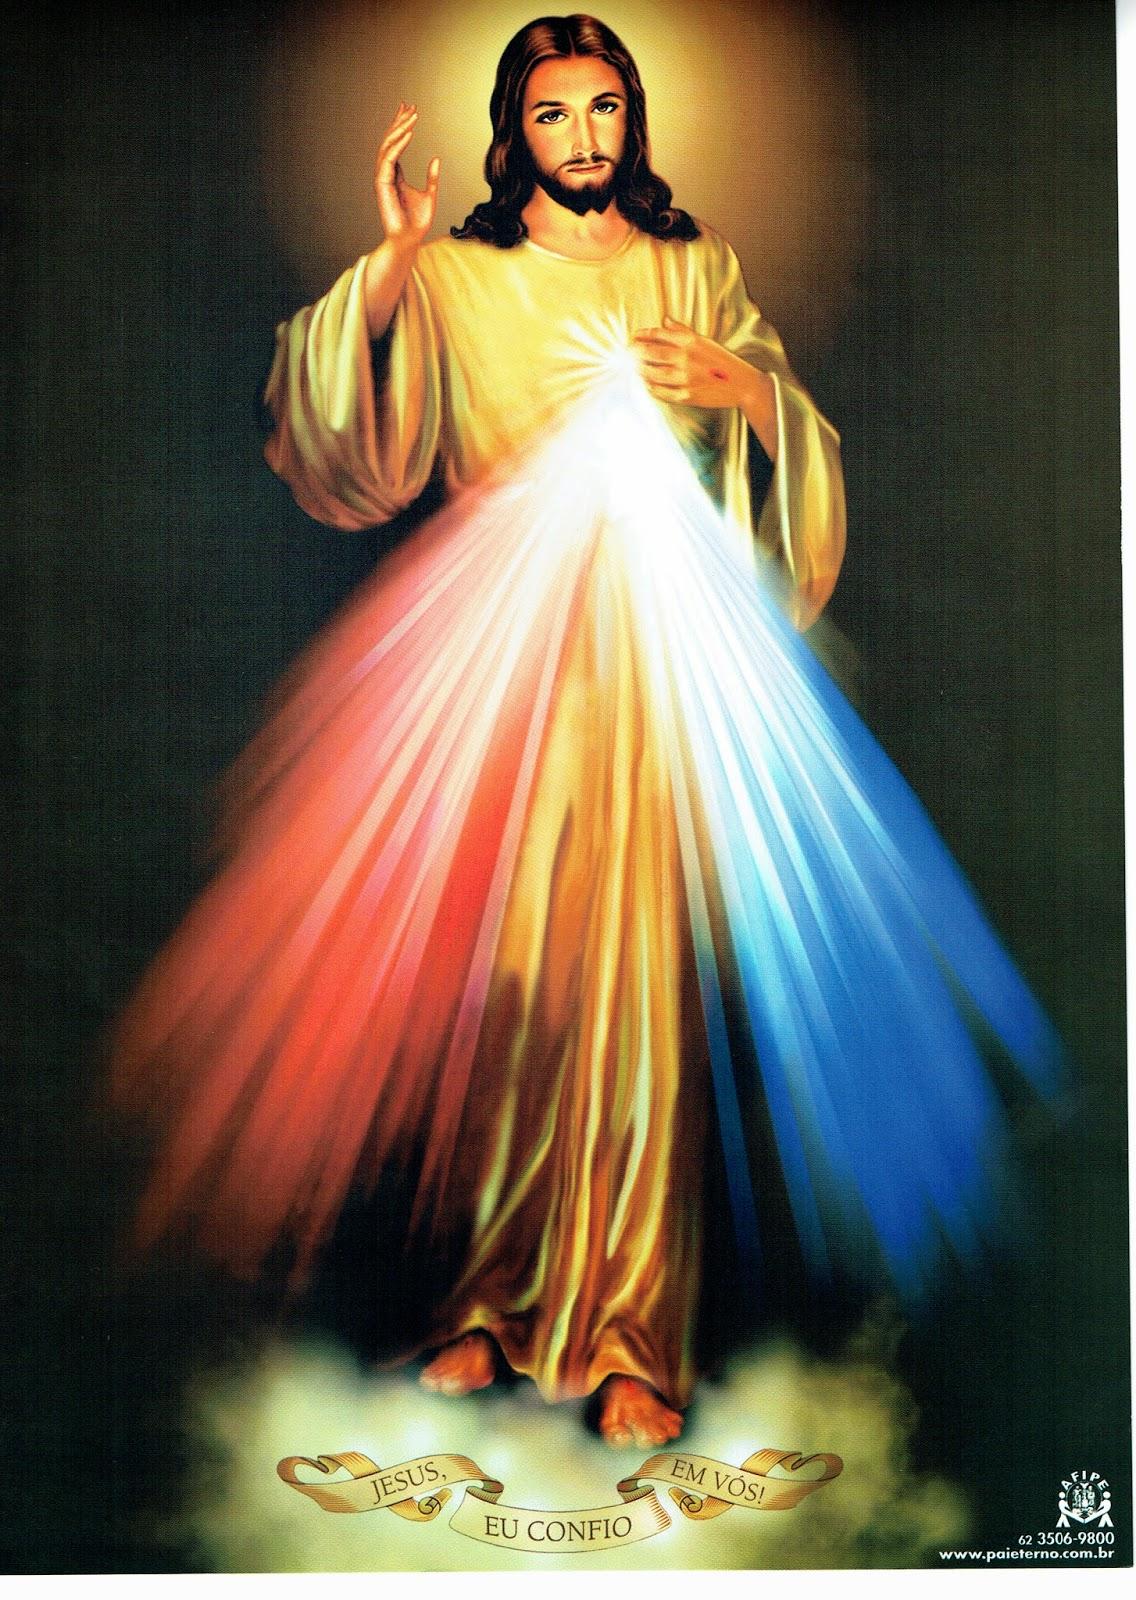 Super imagens de jesus misericordioso eu confio em vós KS49